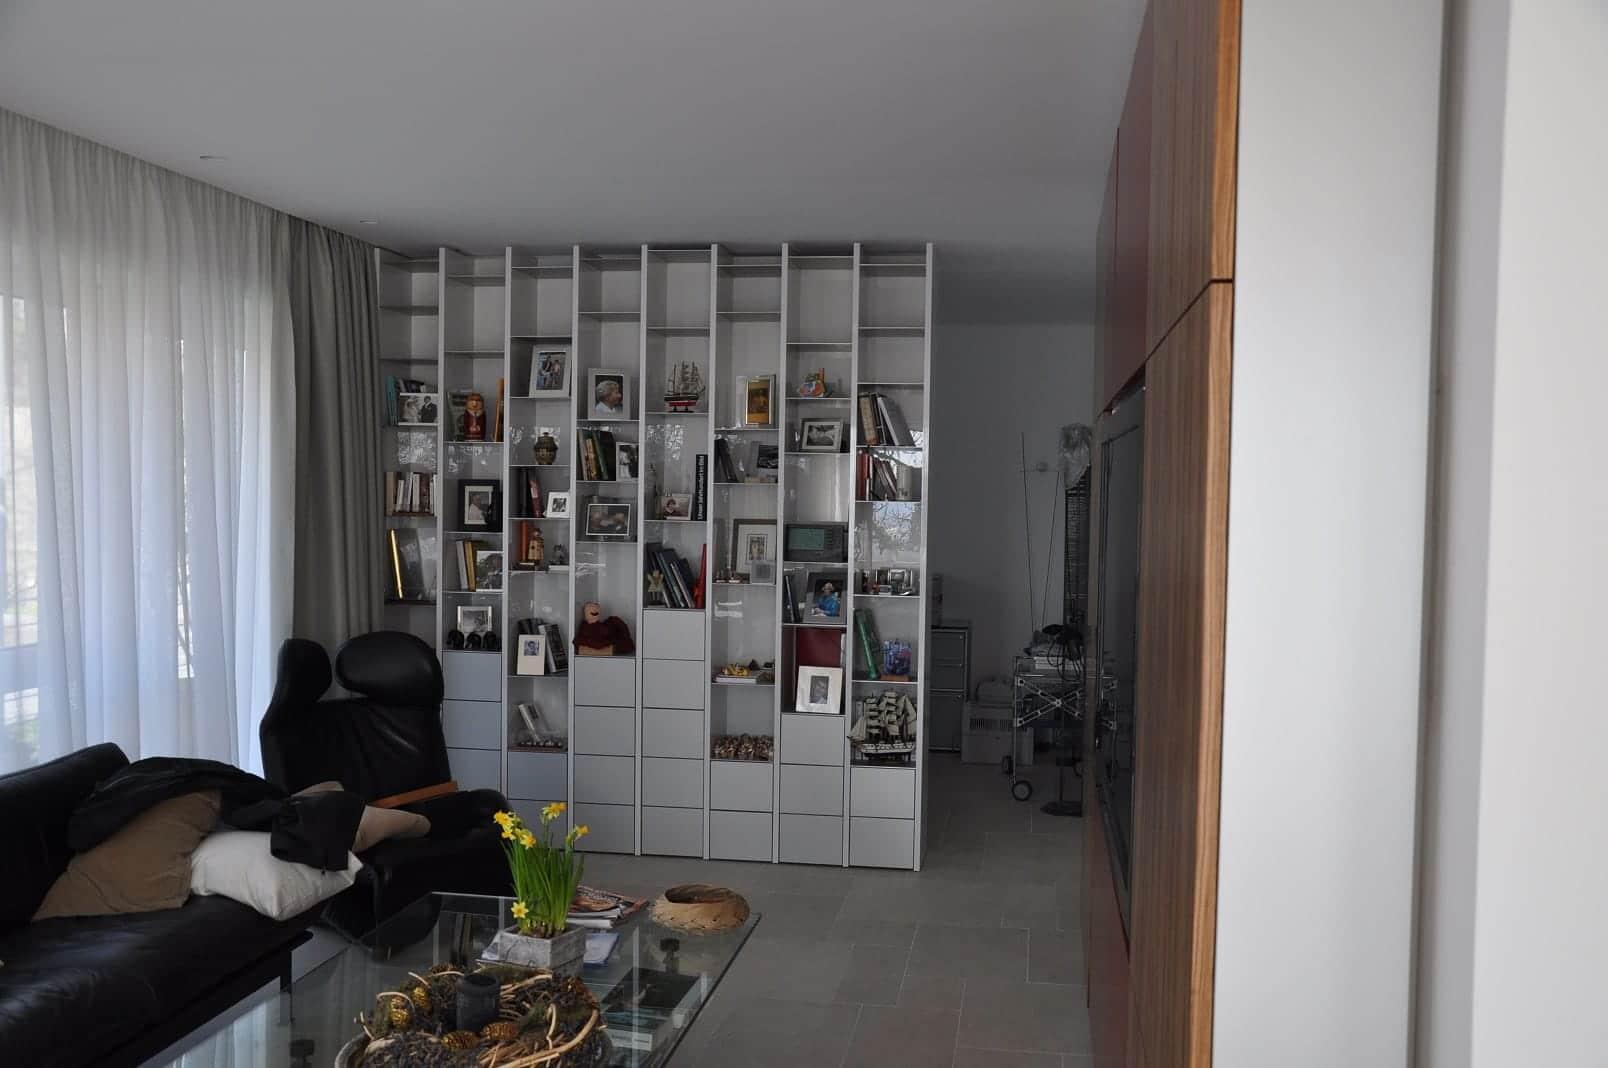 tischlerei-hanses-essen-moebel-handwerk-wohnraum-4